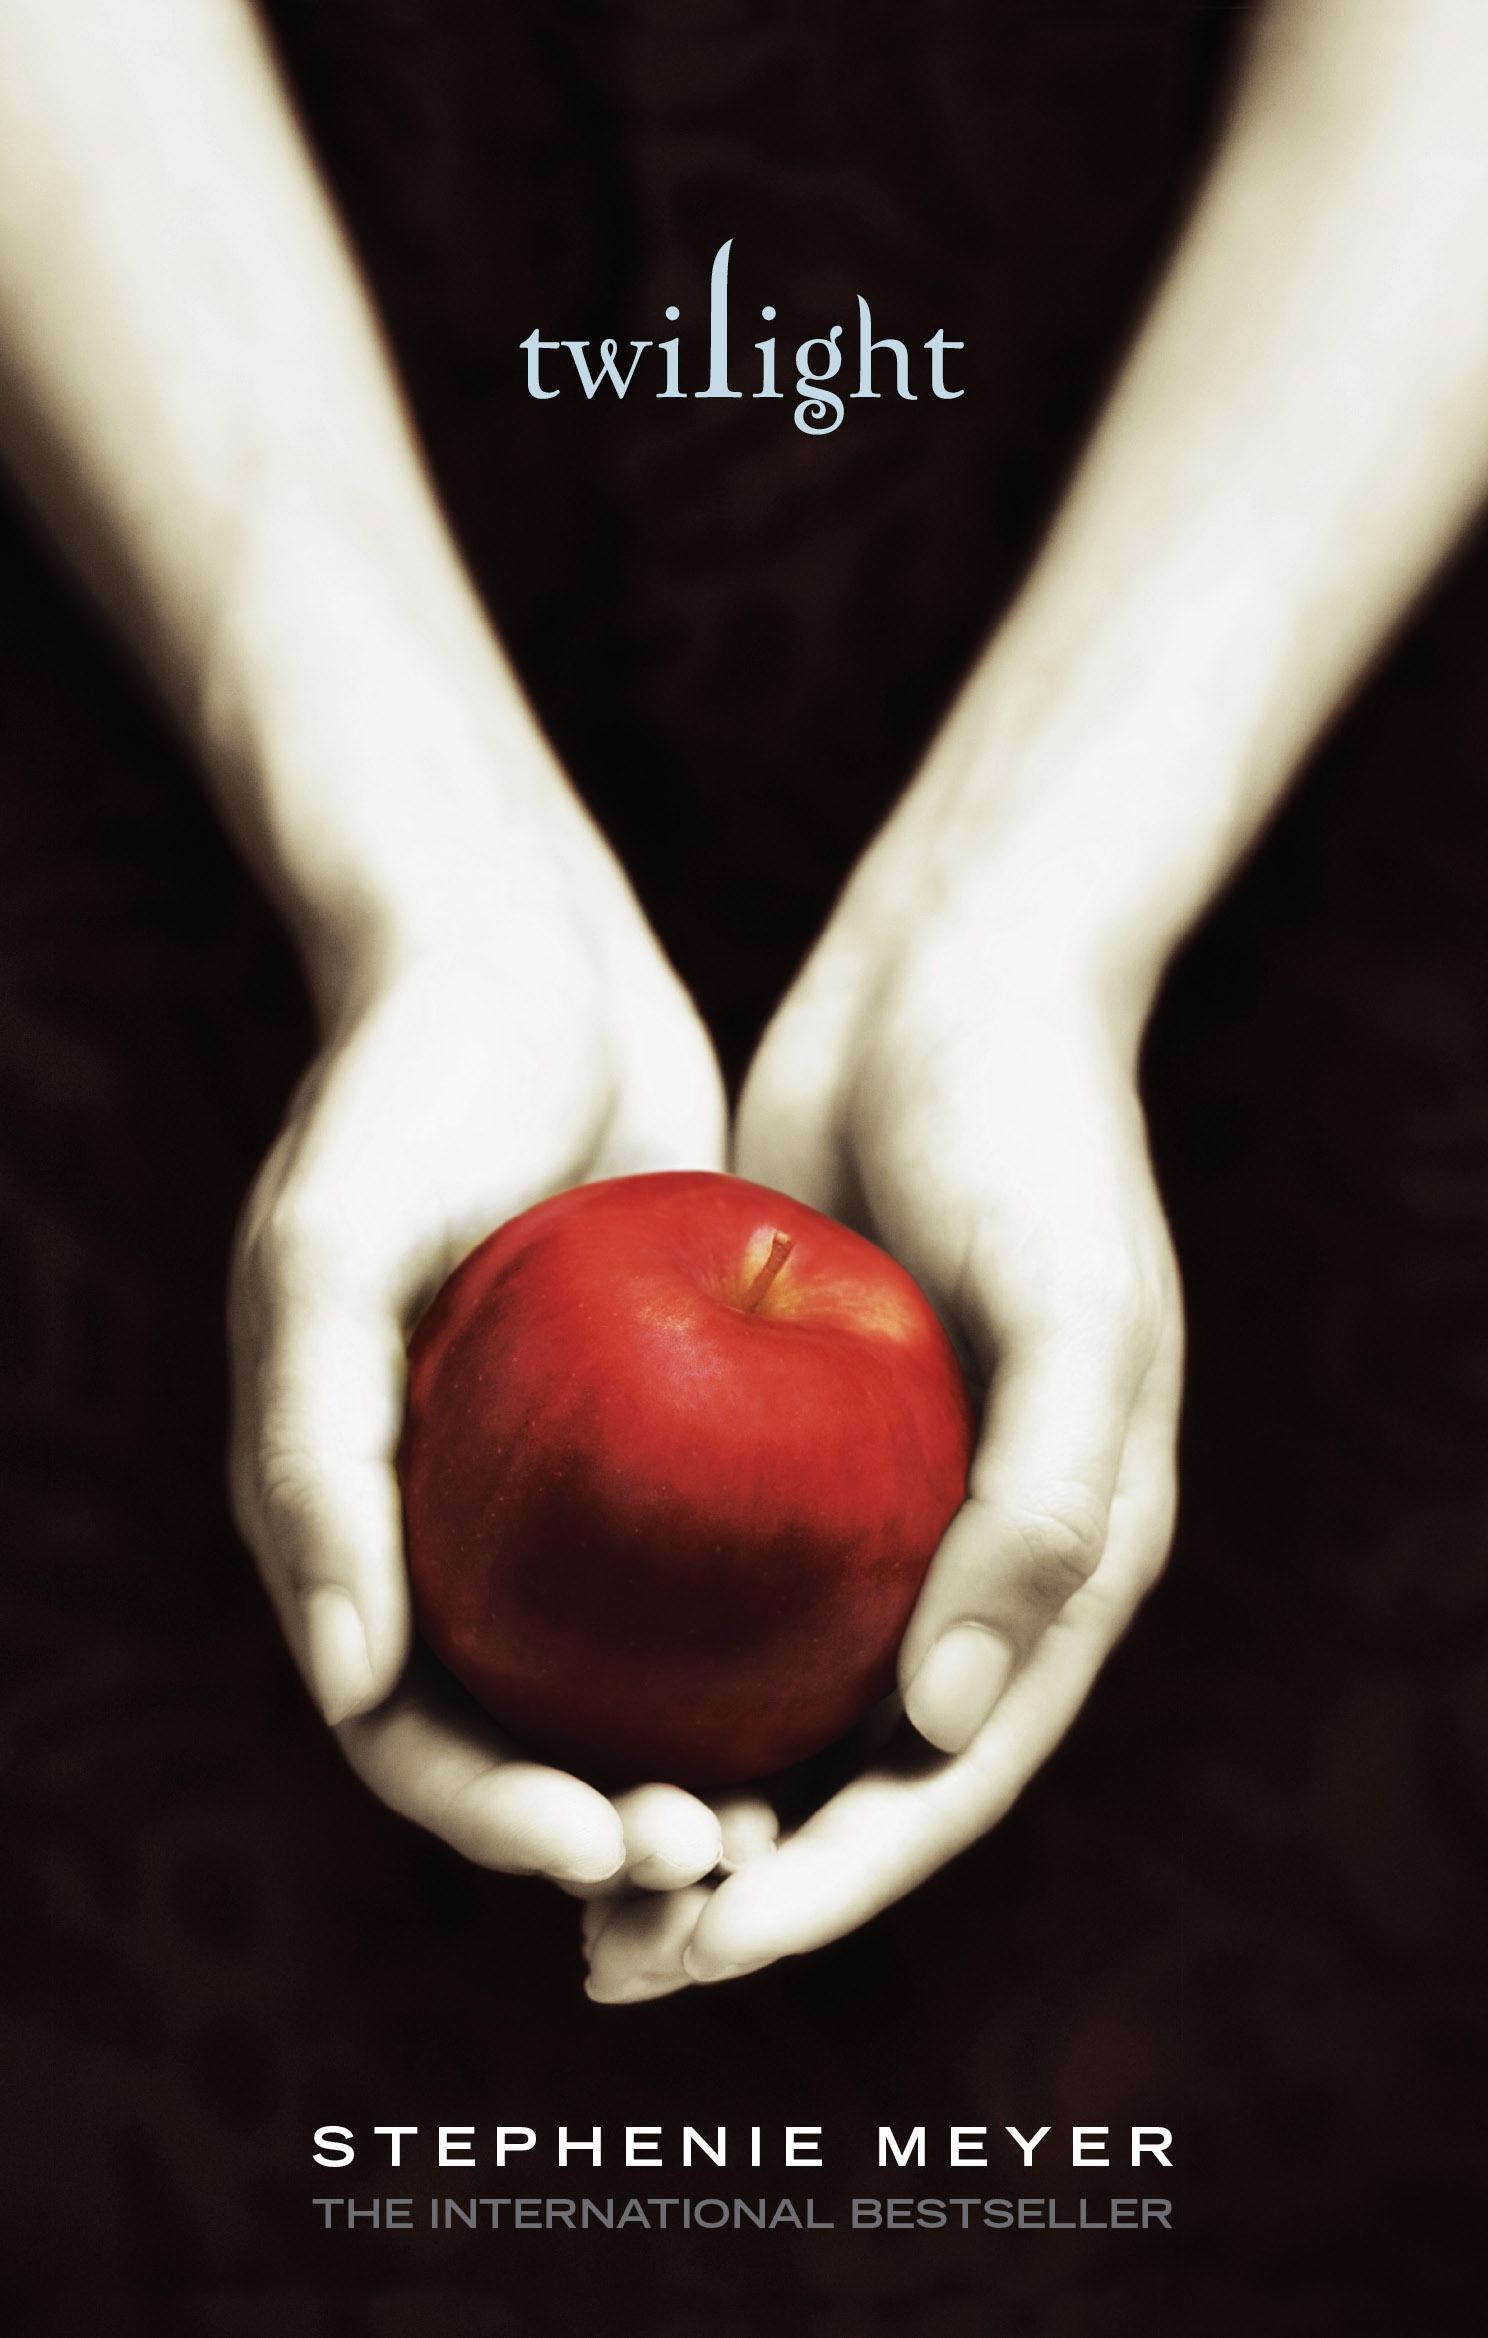 Twilight Stephenie Meyer